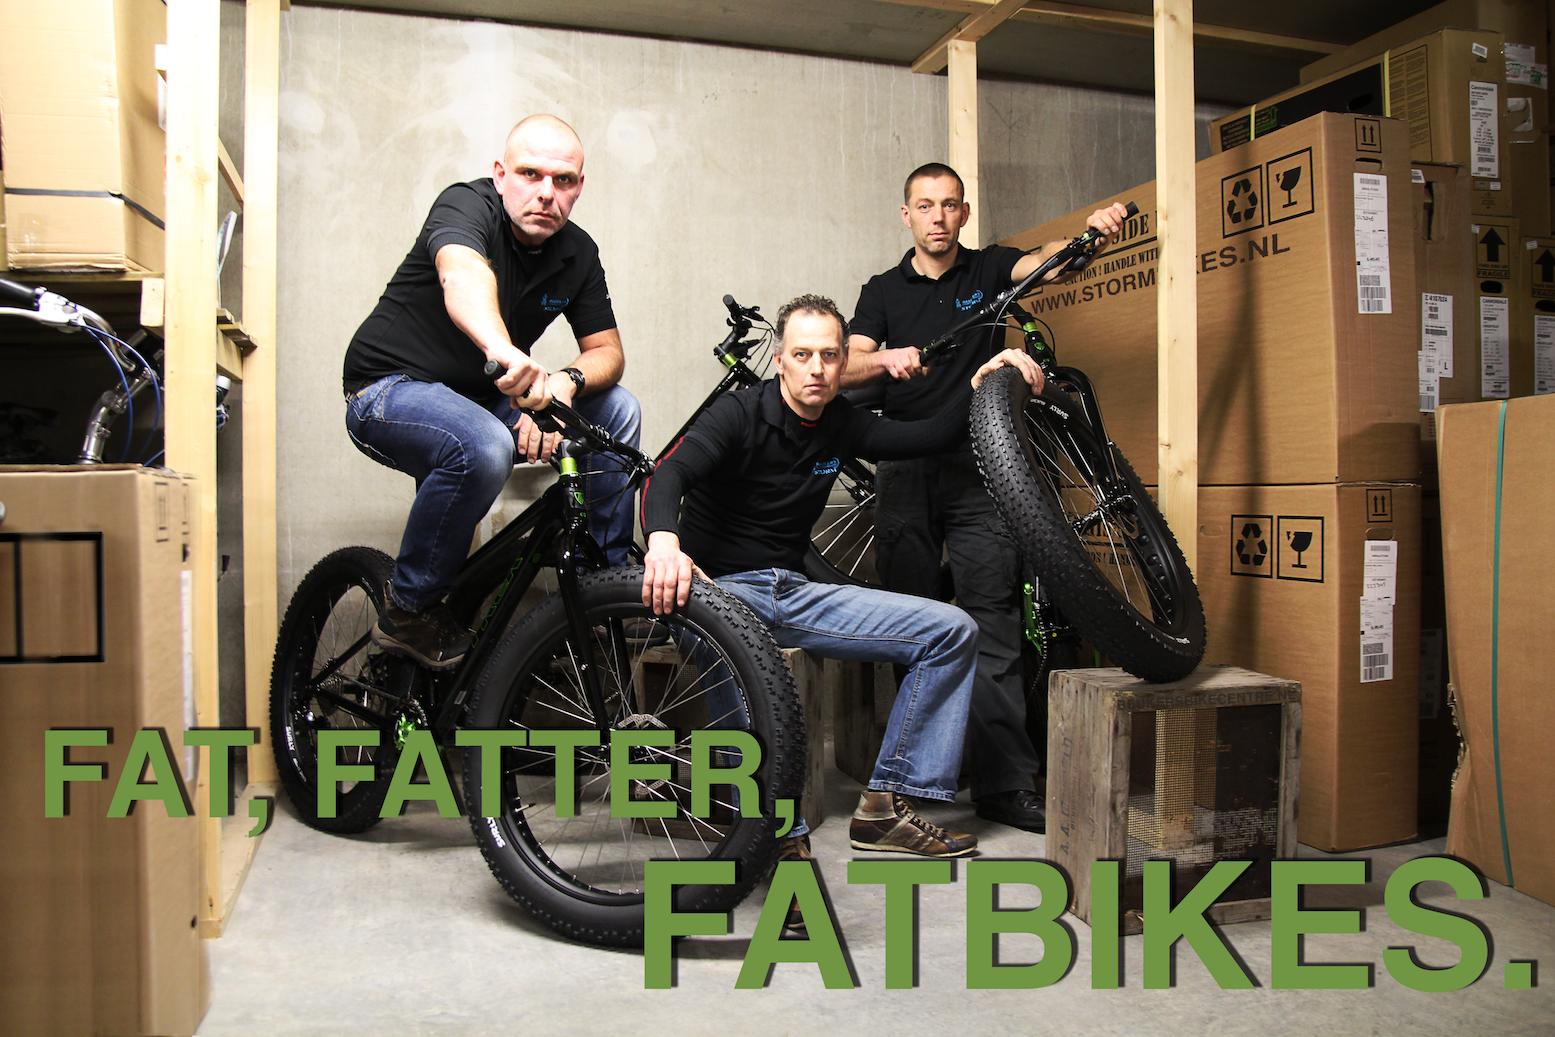 Trek Farley Fatbike